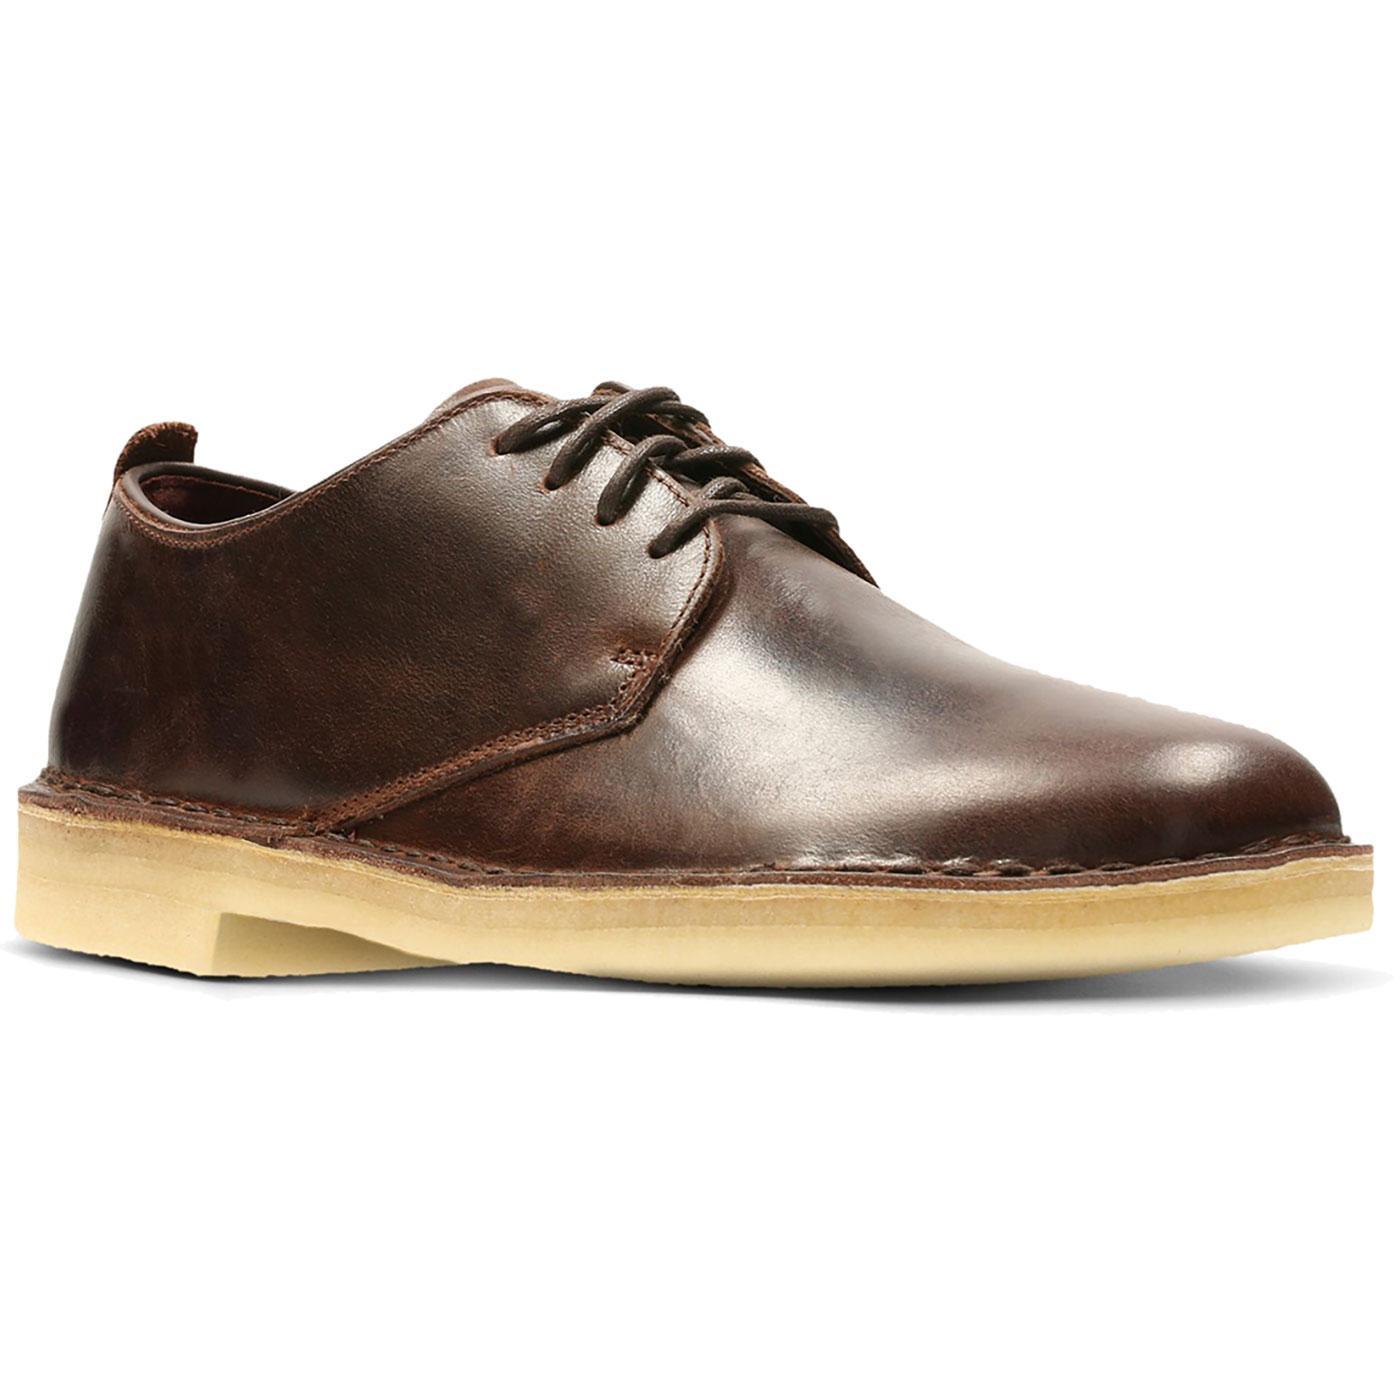 Desert London CLARKS ORIGINALS Leather Mod Shoes C